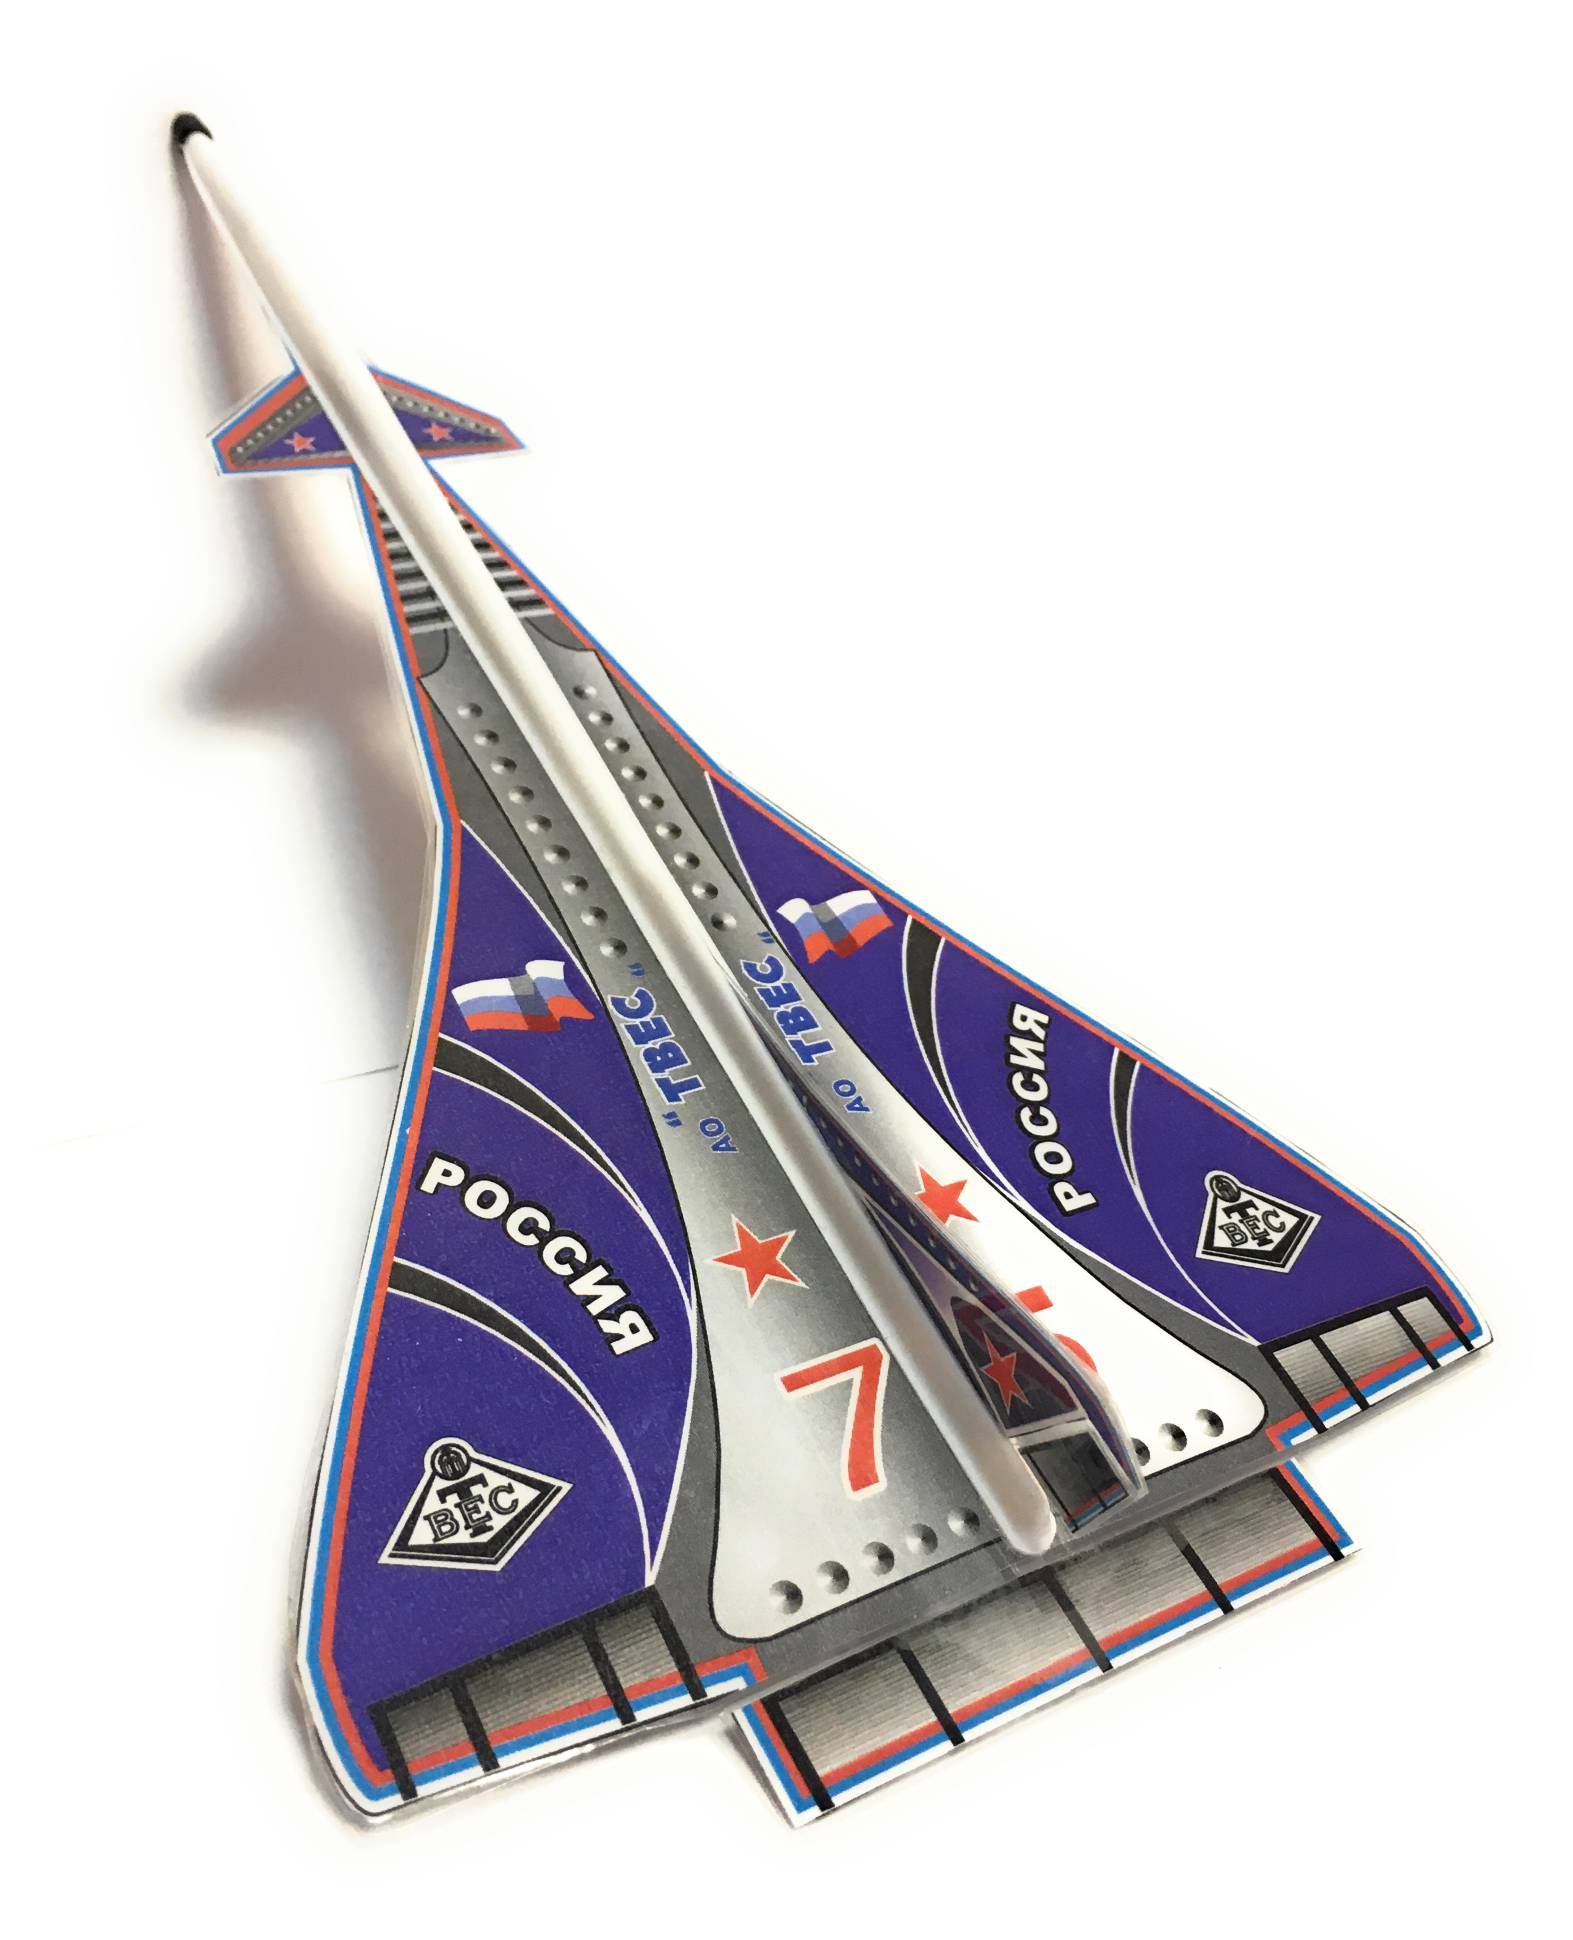 ДельтаУ модели есть руль поворота, крена и высоты.Запускается самолет с помощью резиновой катапульты, входящей в комплект. Аэродинамика модели рассчитана настолько хорошо, что после запуска самолет летит удивительно ровно и далеко!